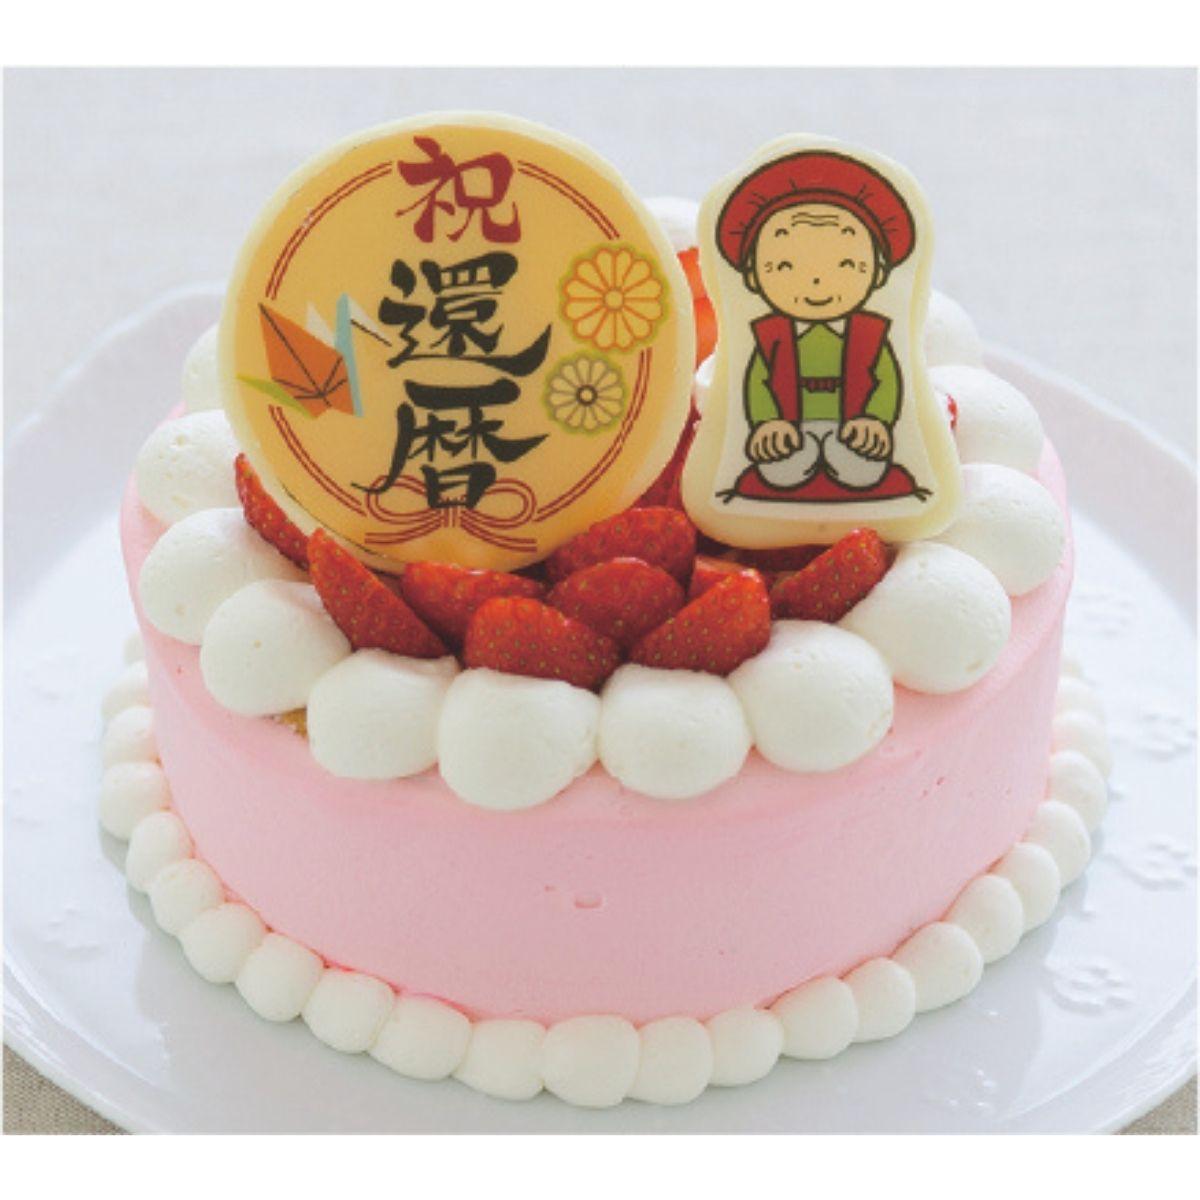 ご長寿お祝いケーキ